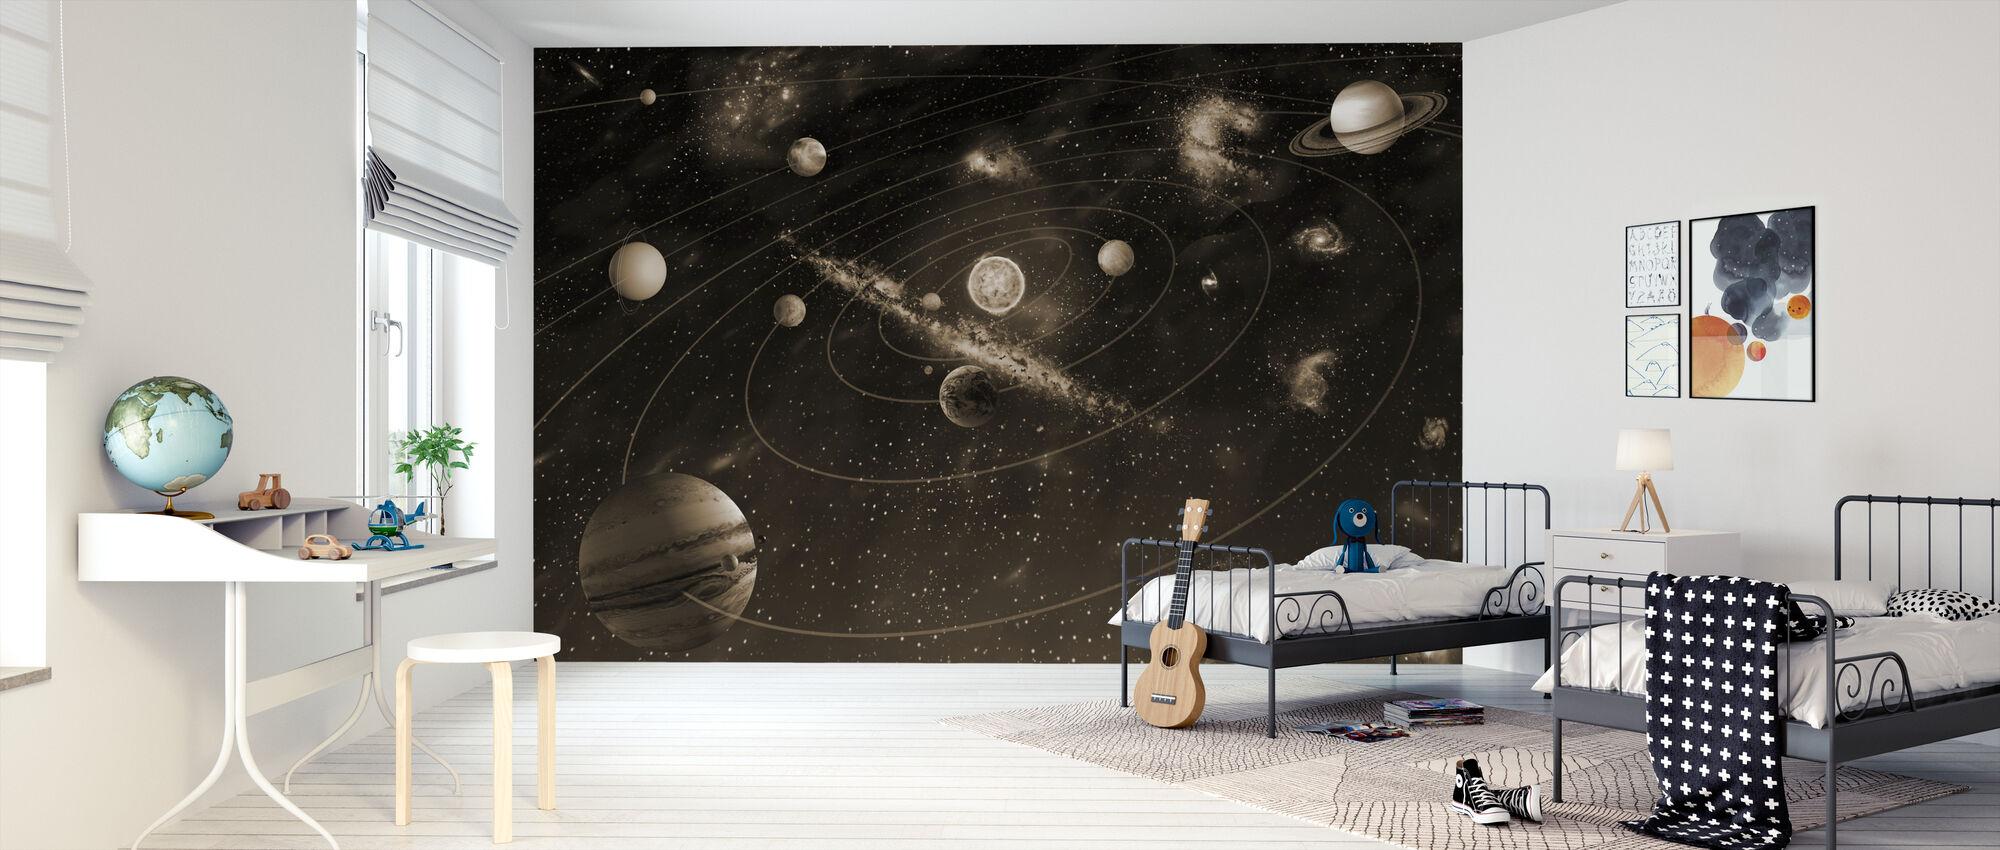 Solar System - Sepia - Wallpaper - Kids Room